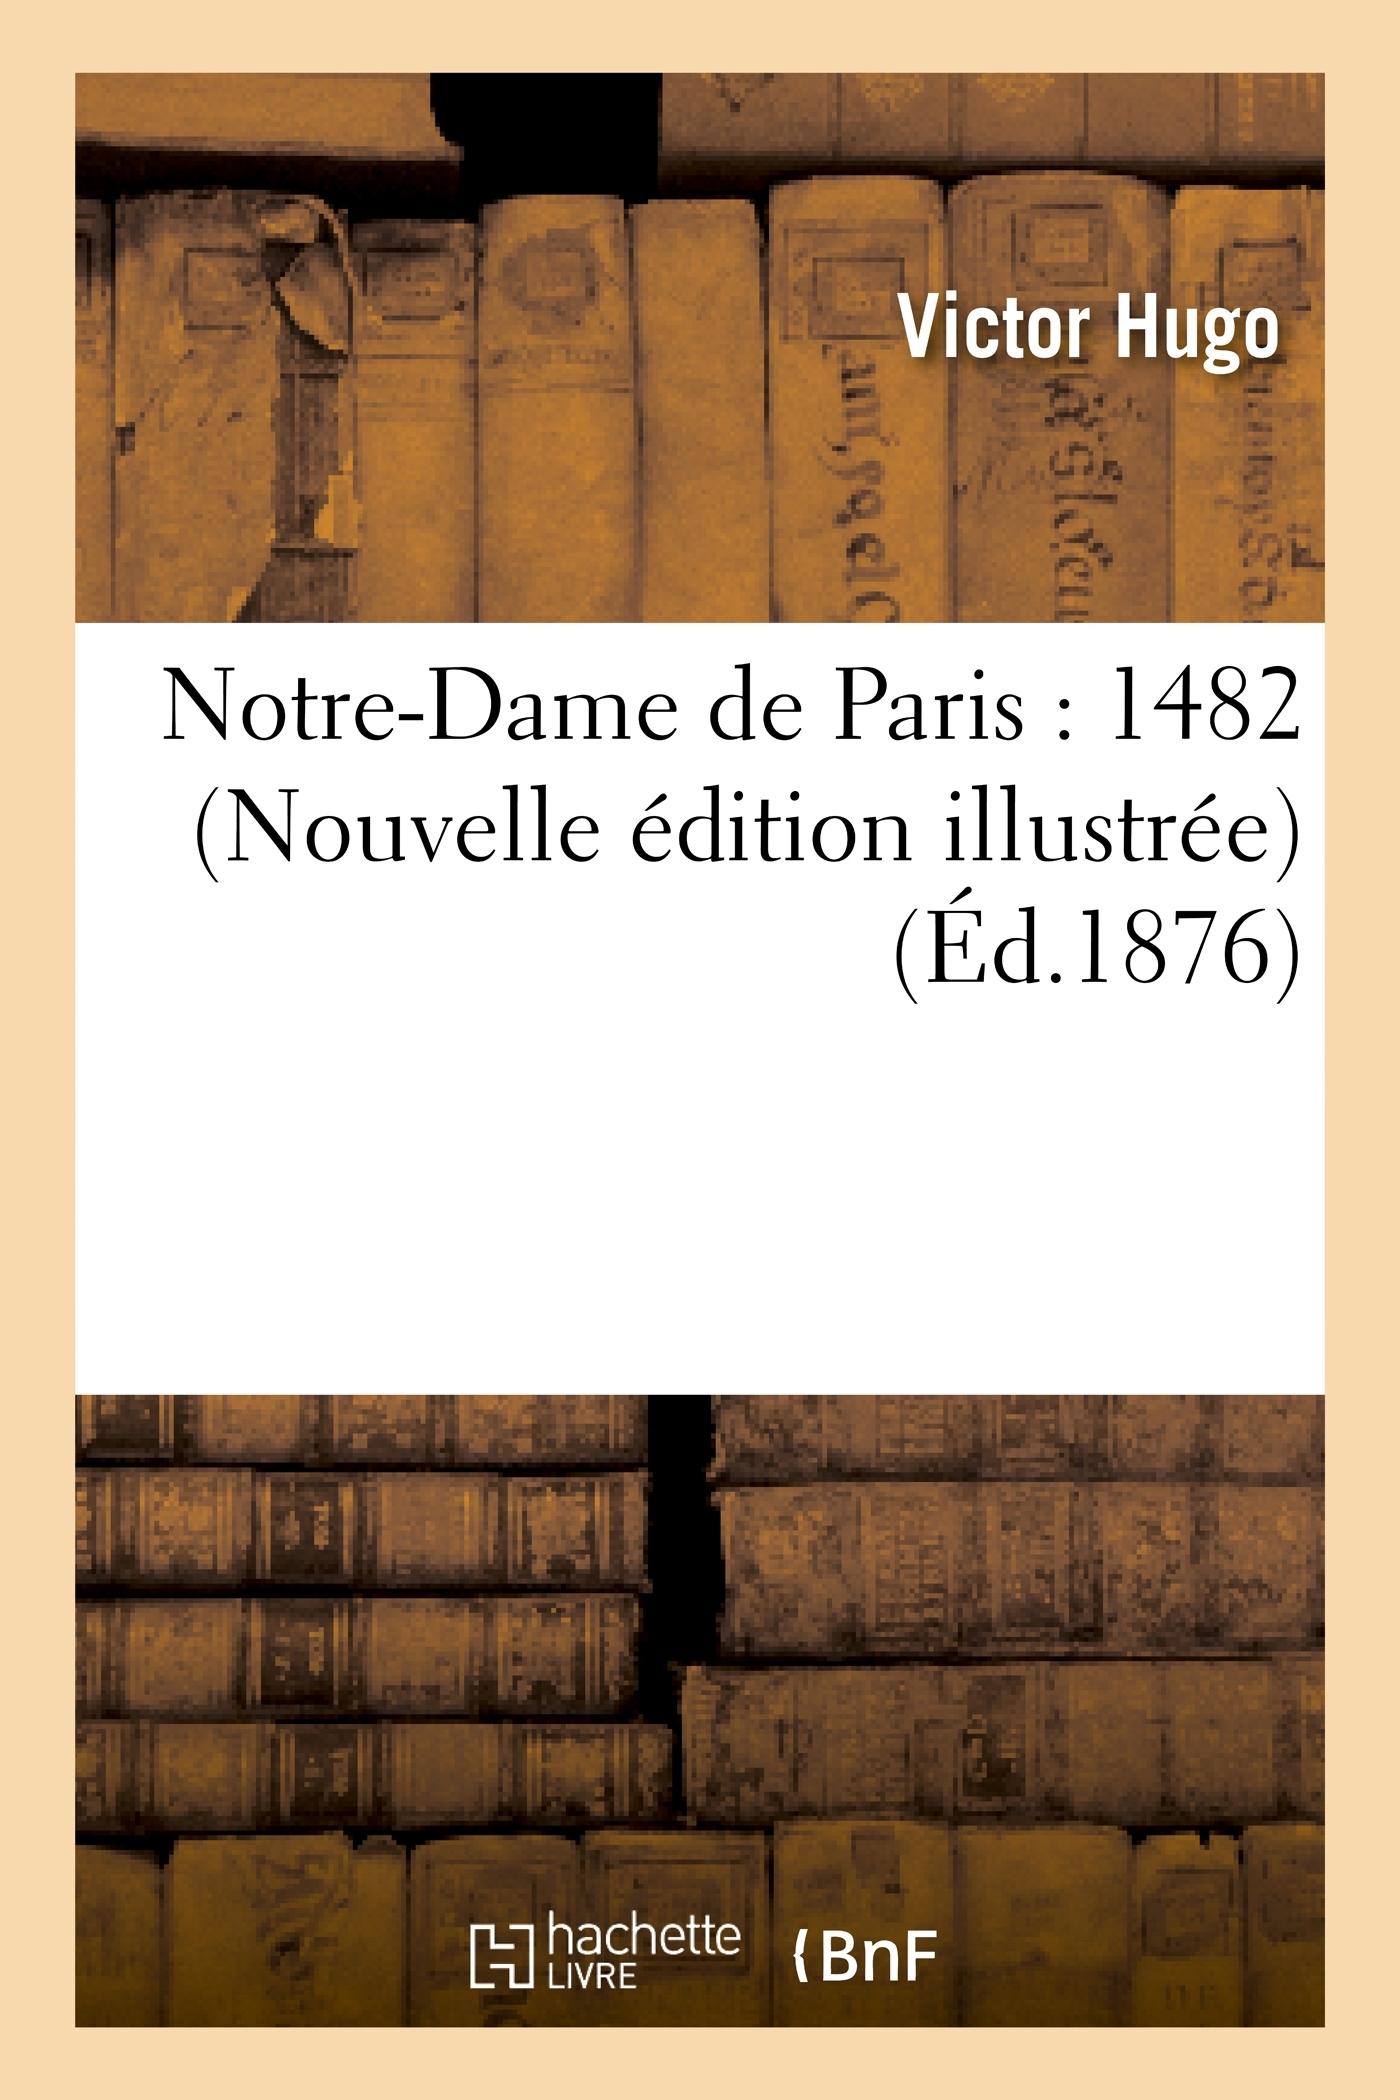 NOTRE-DAME DE PARIS : 1482 (NOUVELLE EDITION ILLUSTREE)